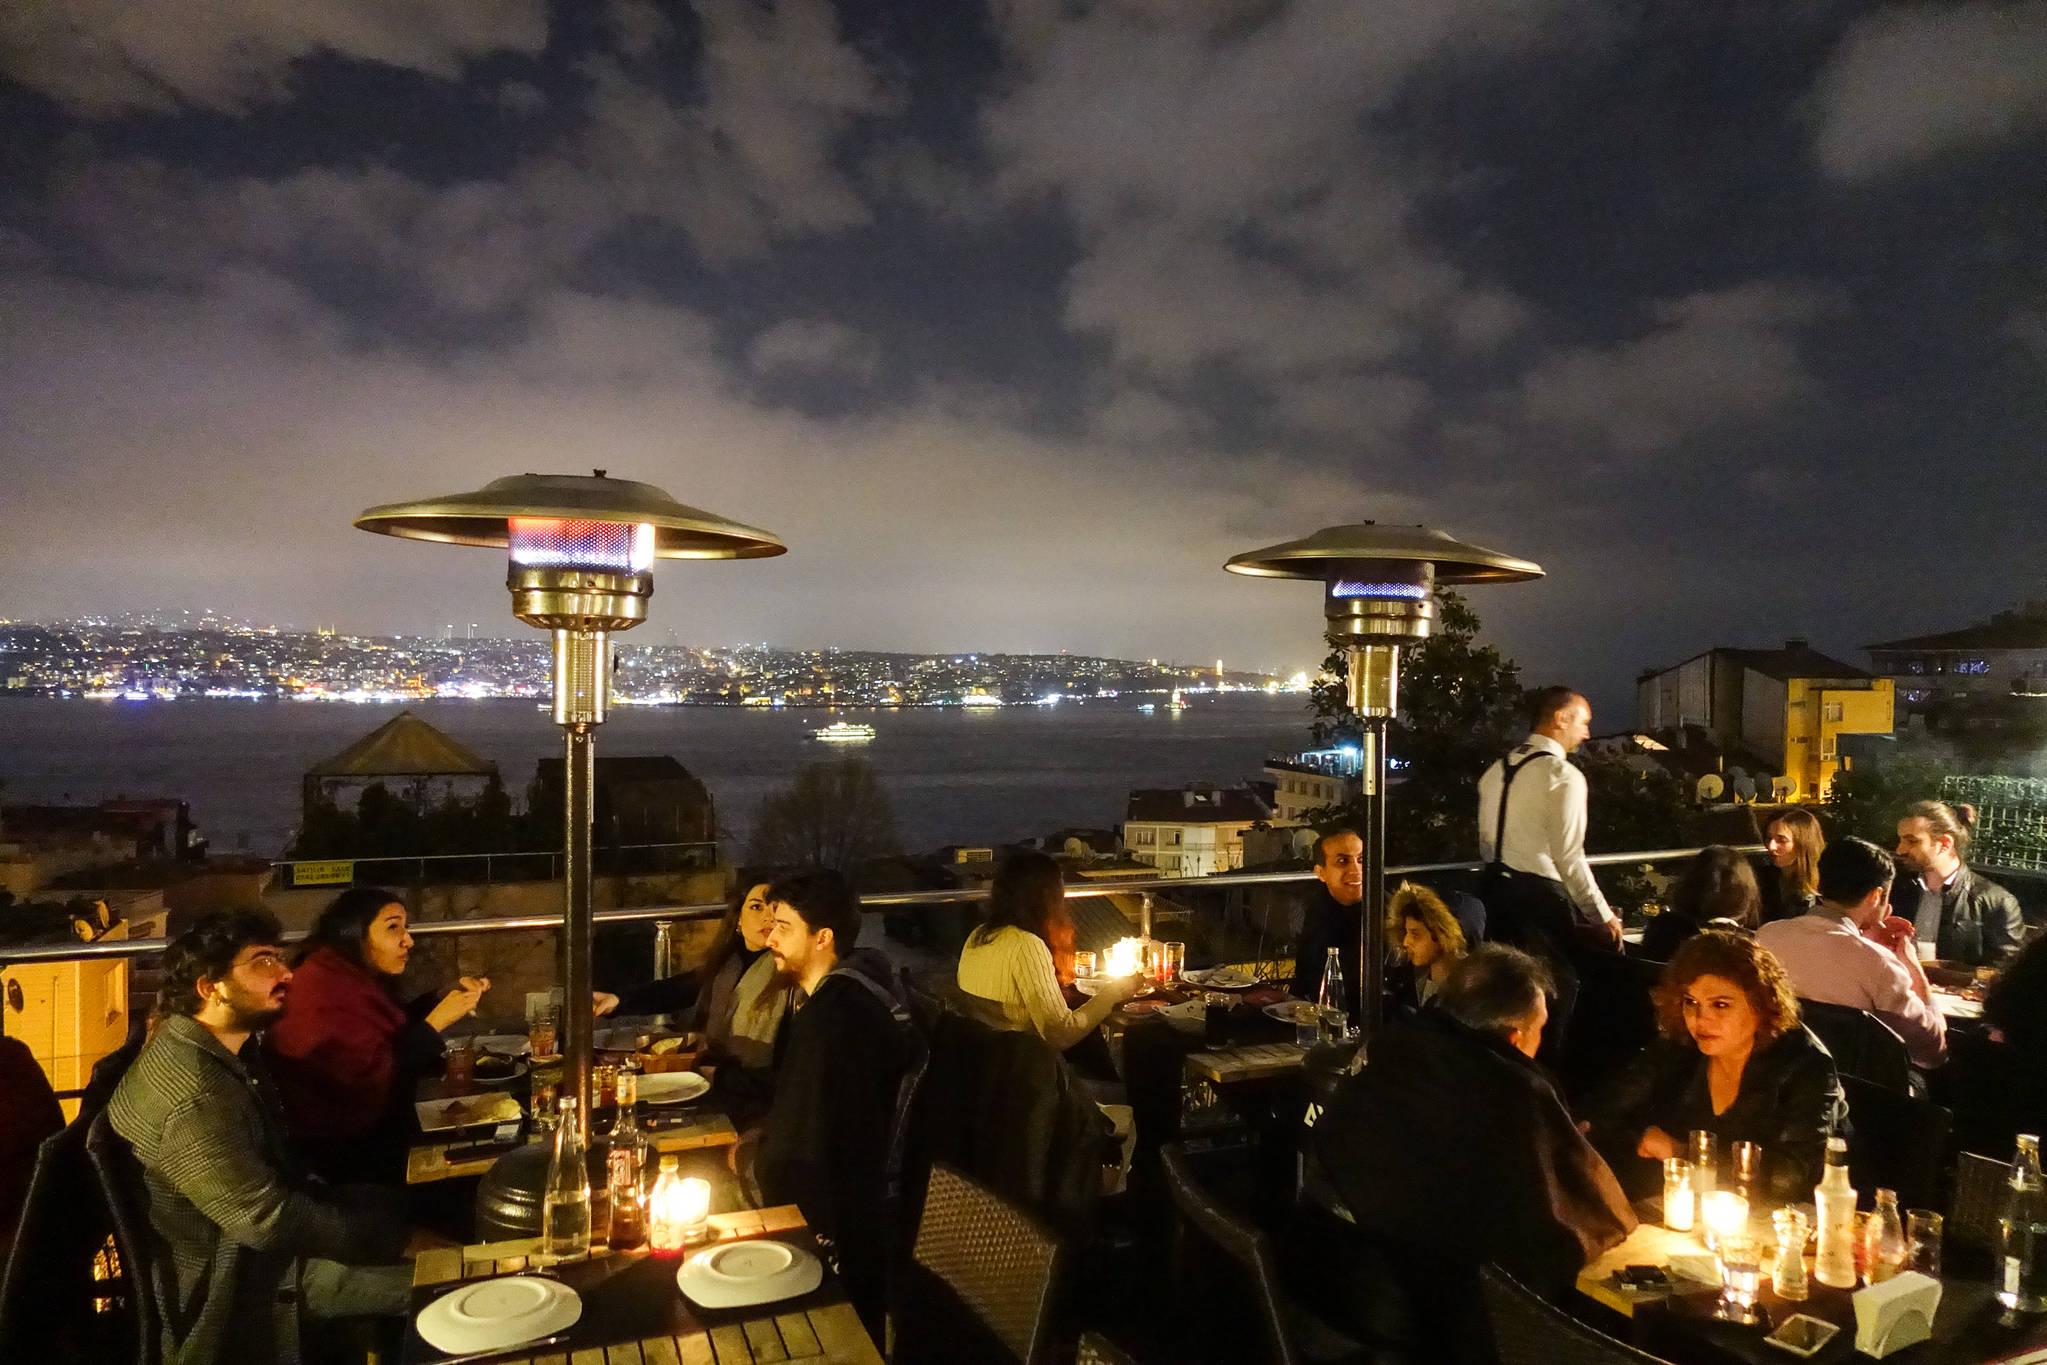 이스탄불을 여행한다면 보스포러스 해협이 잘 보이는 레스토랑에서 저녁식사를 해봐야 한다.